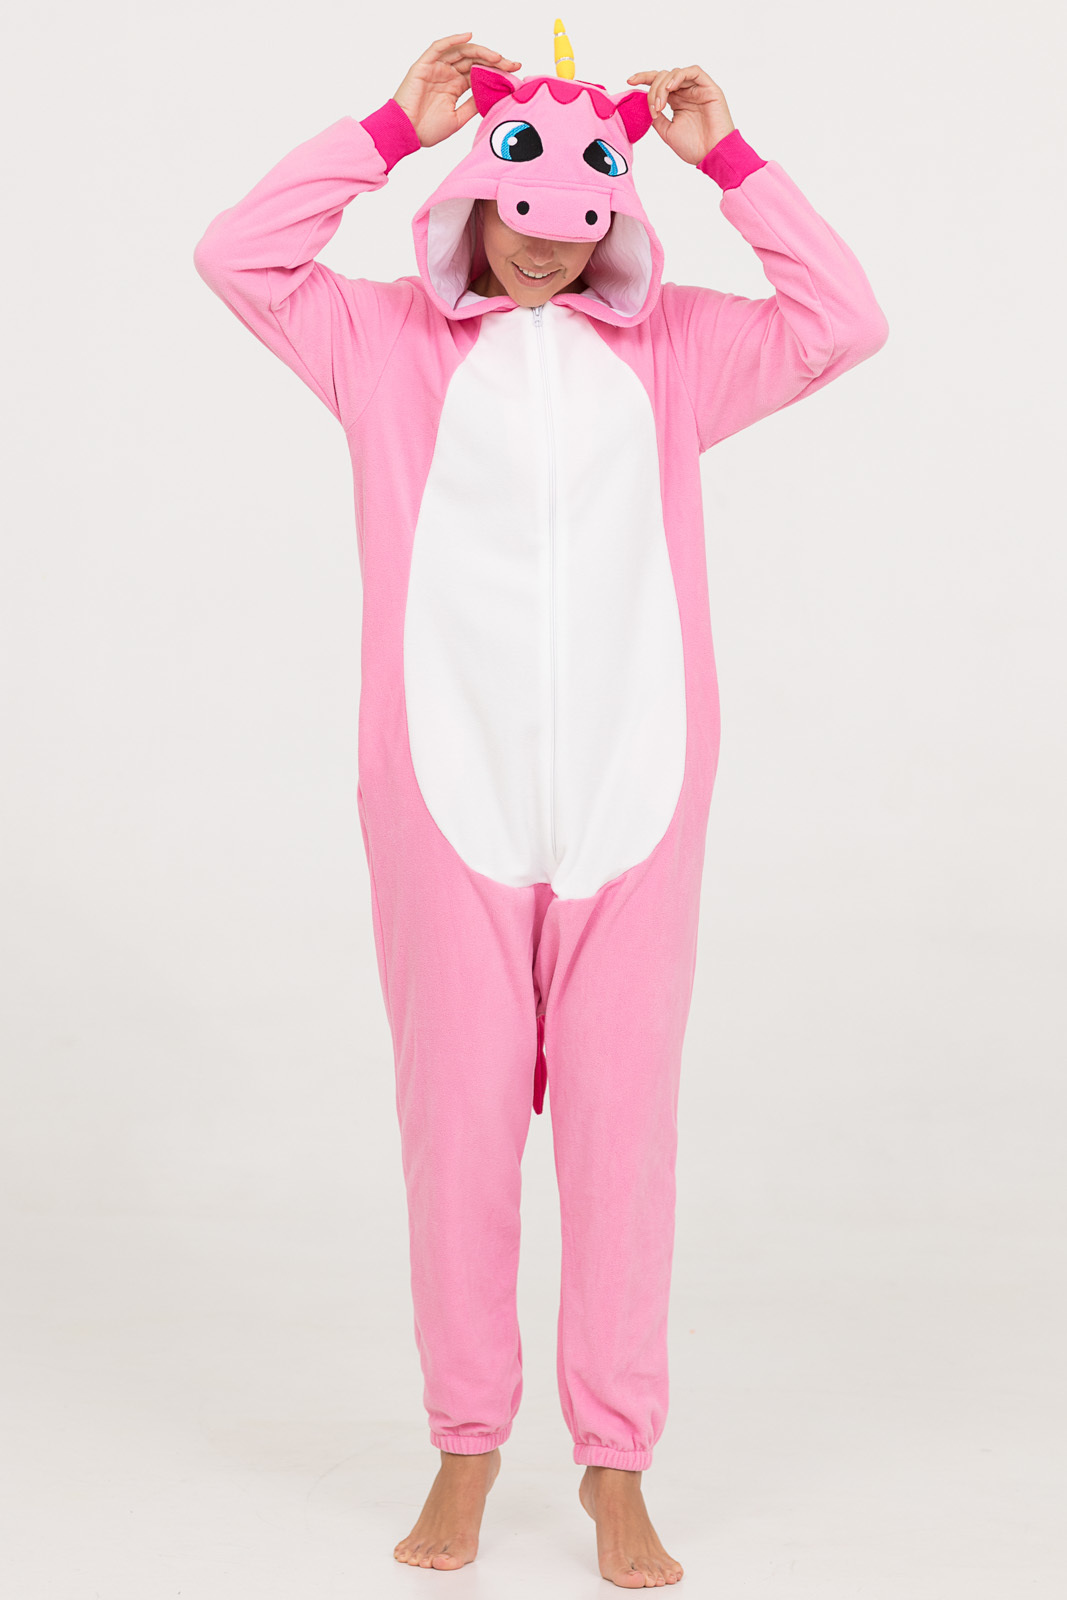 Пижамы Футужама Пижама-кигуруми Розовый Единорог (xL)